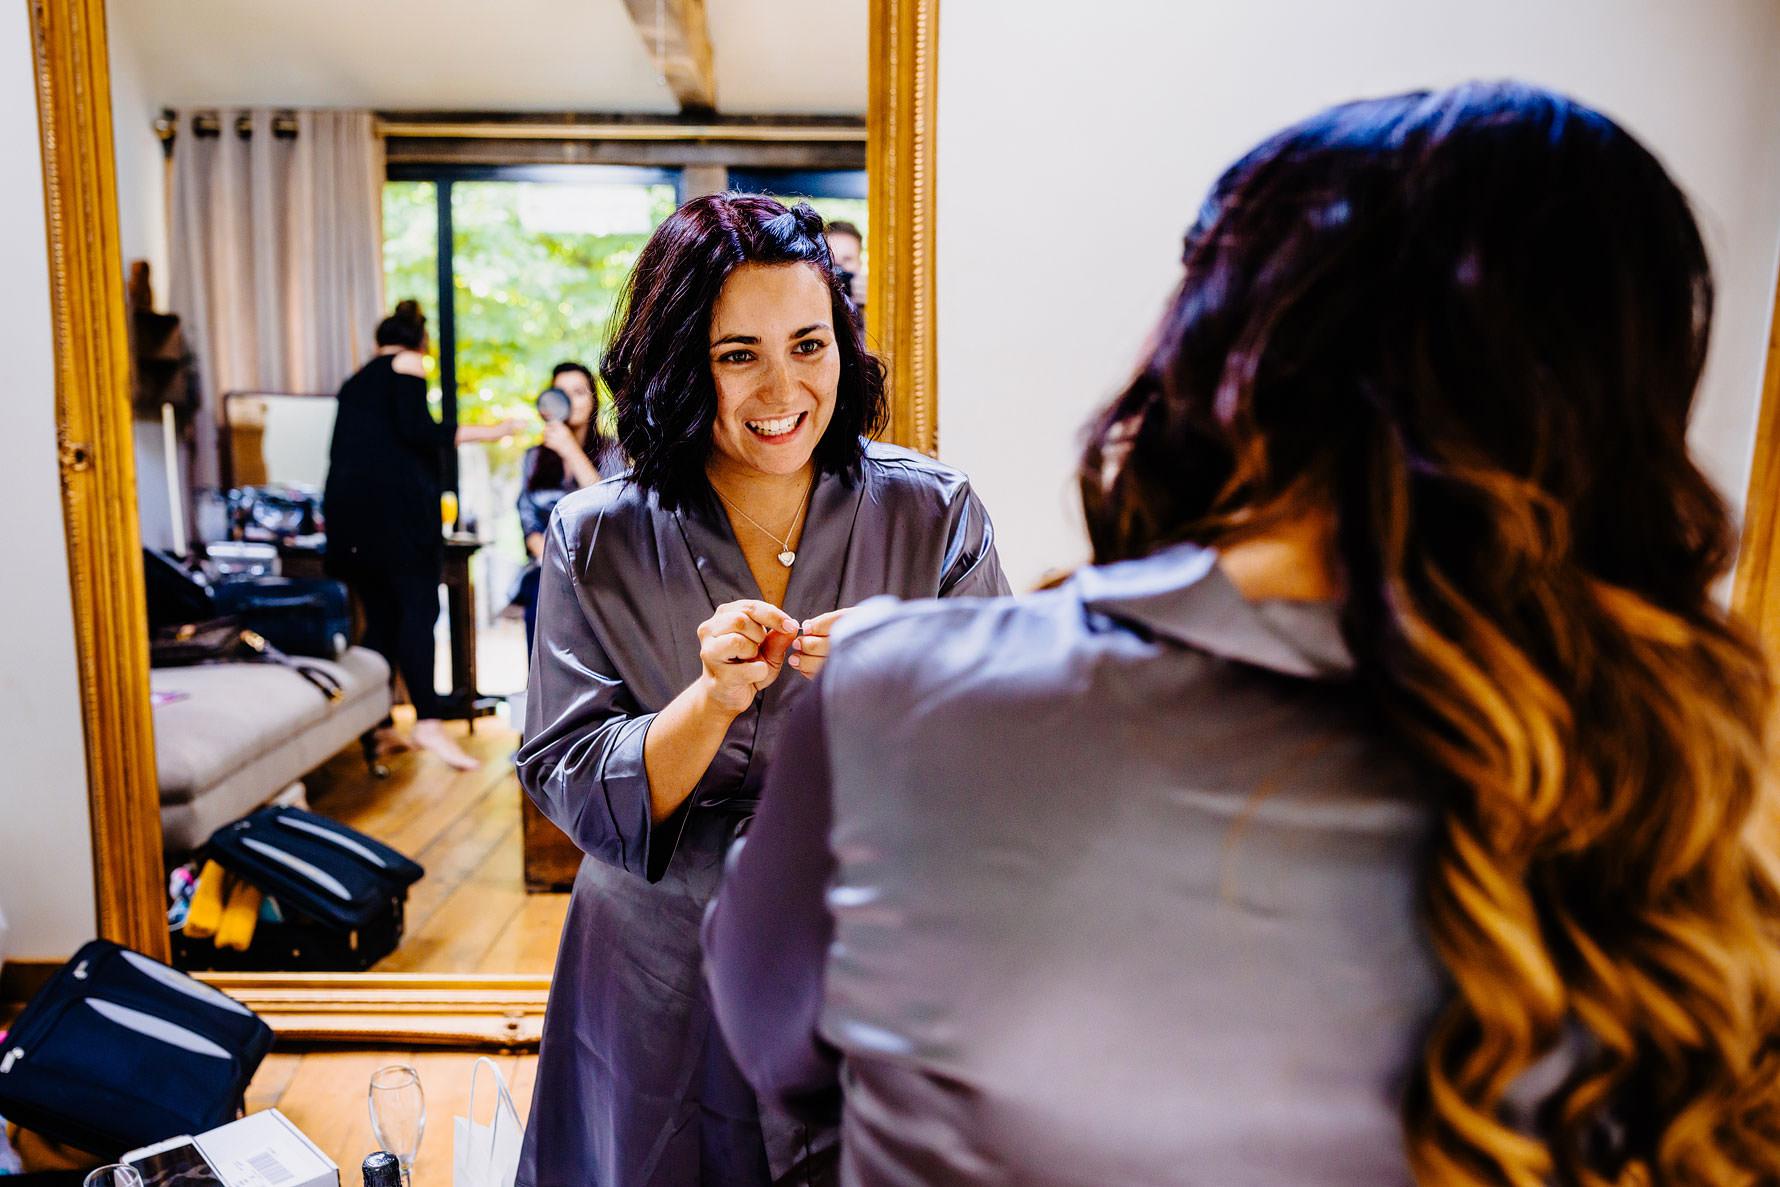 a bridesmaid during bridal preparations